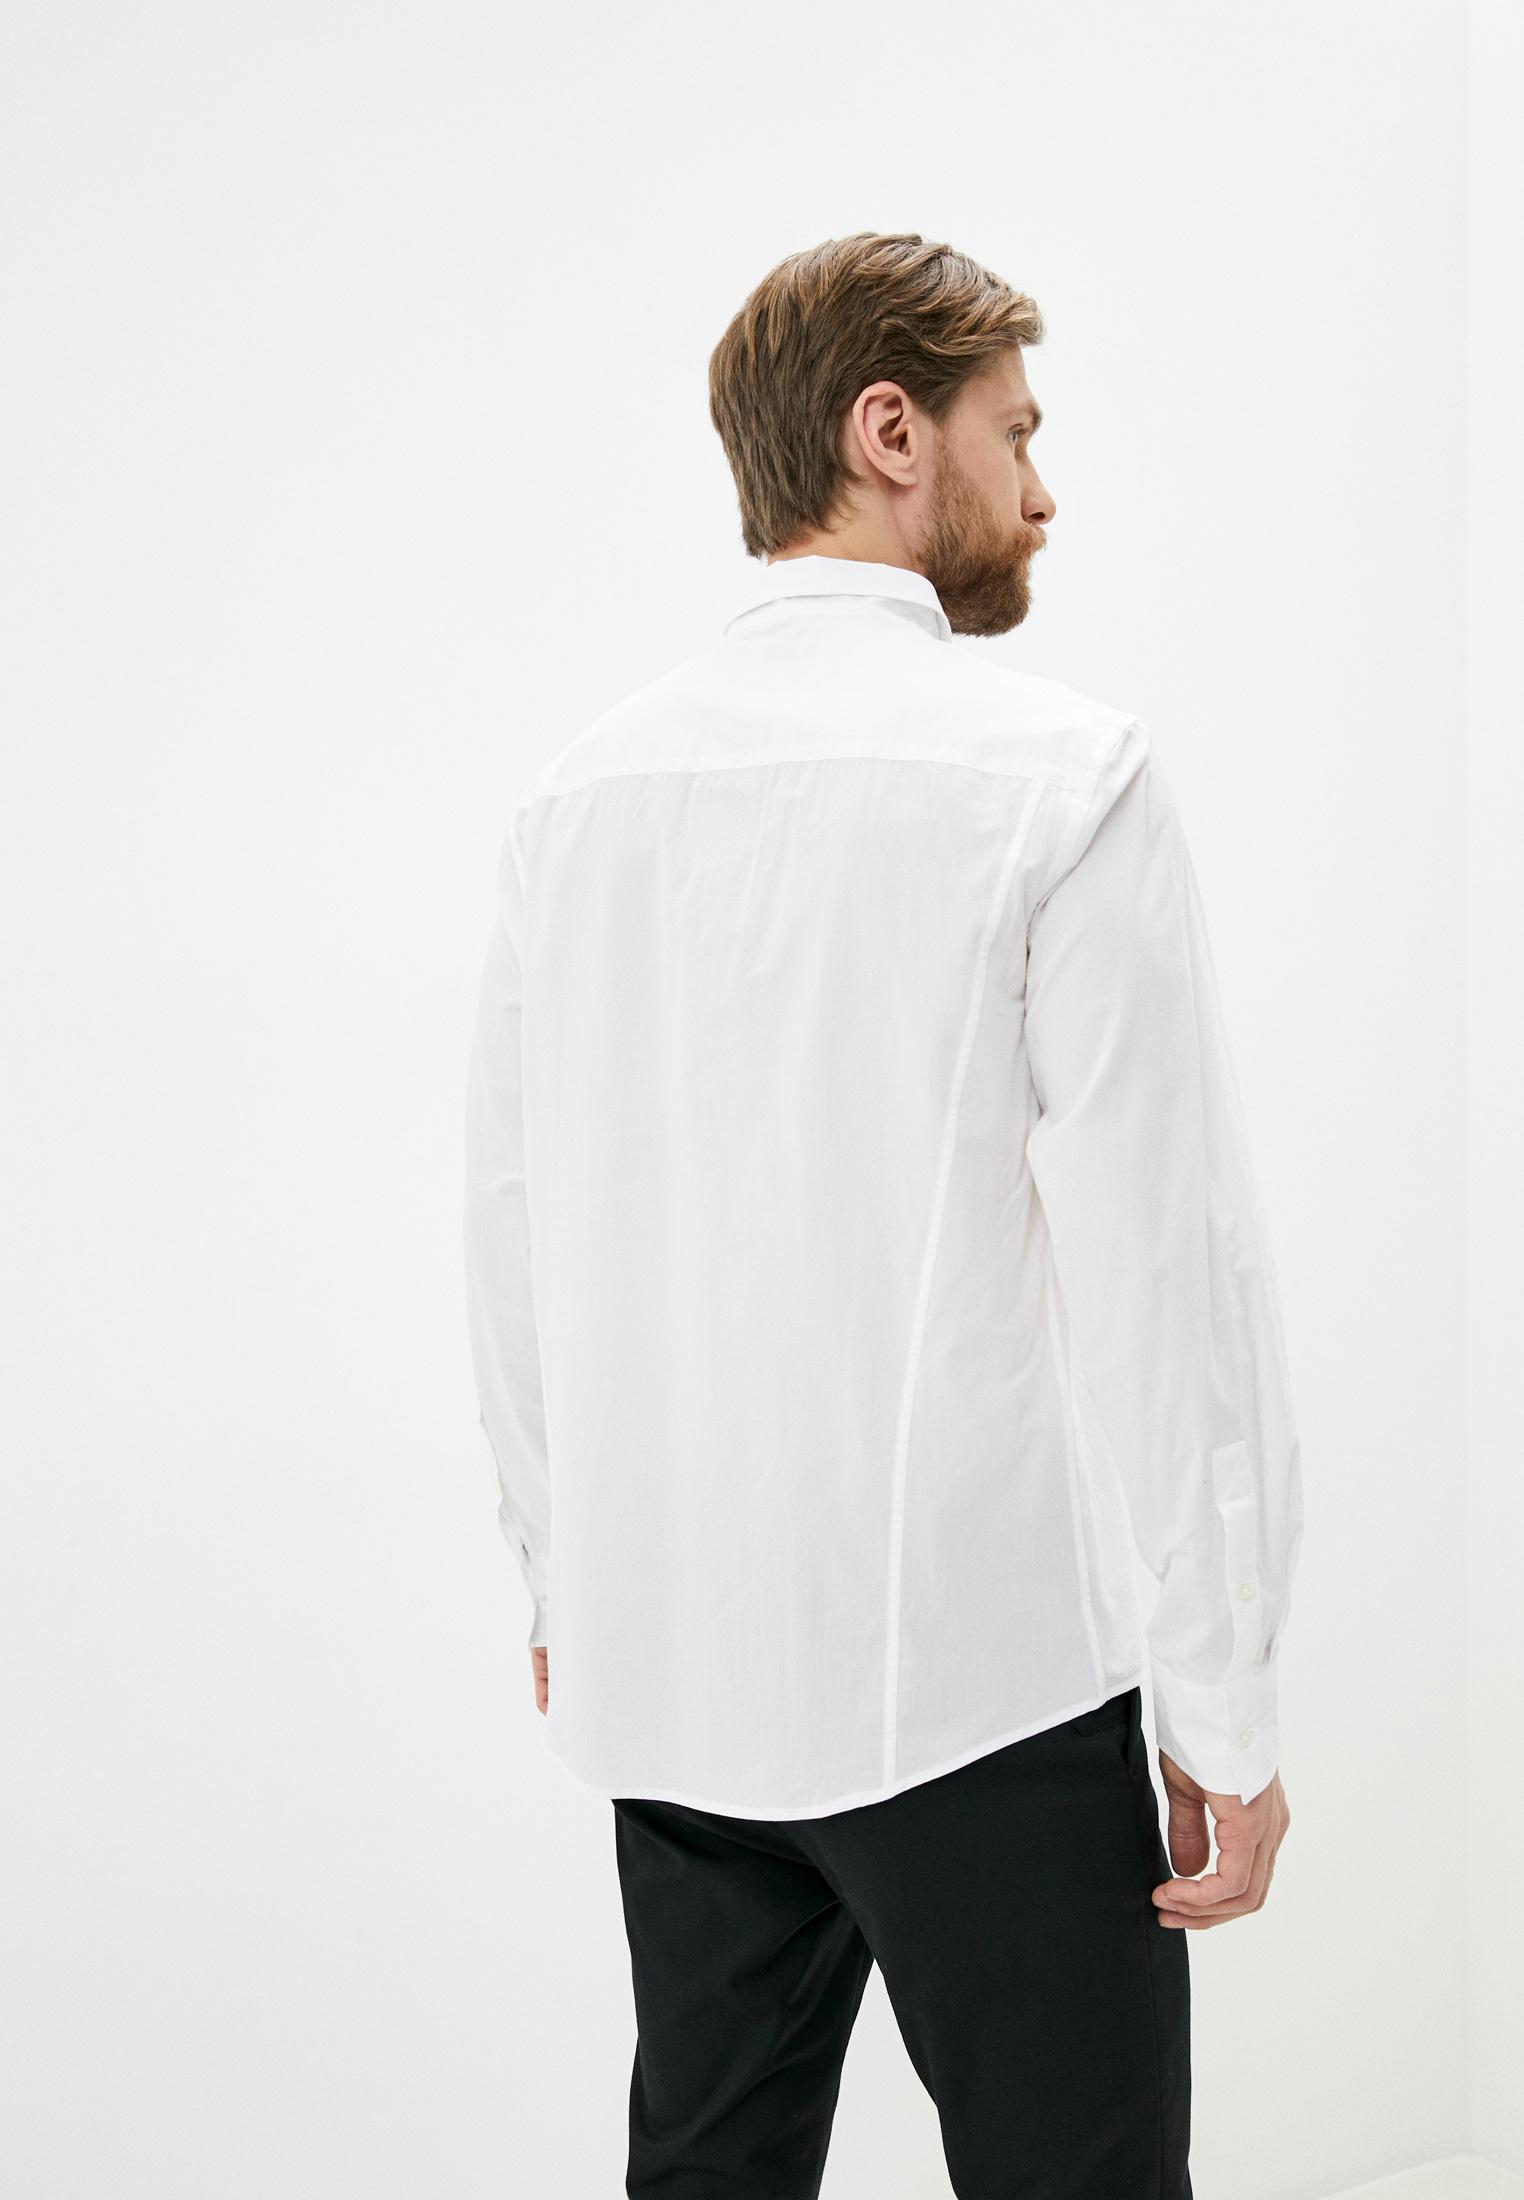 Рубашка с длинным рукавом Bikkembergs (Биккембергс) C C 014 01 T 9208: изображение 4